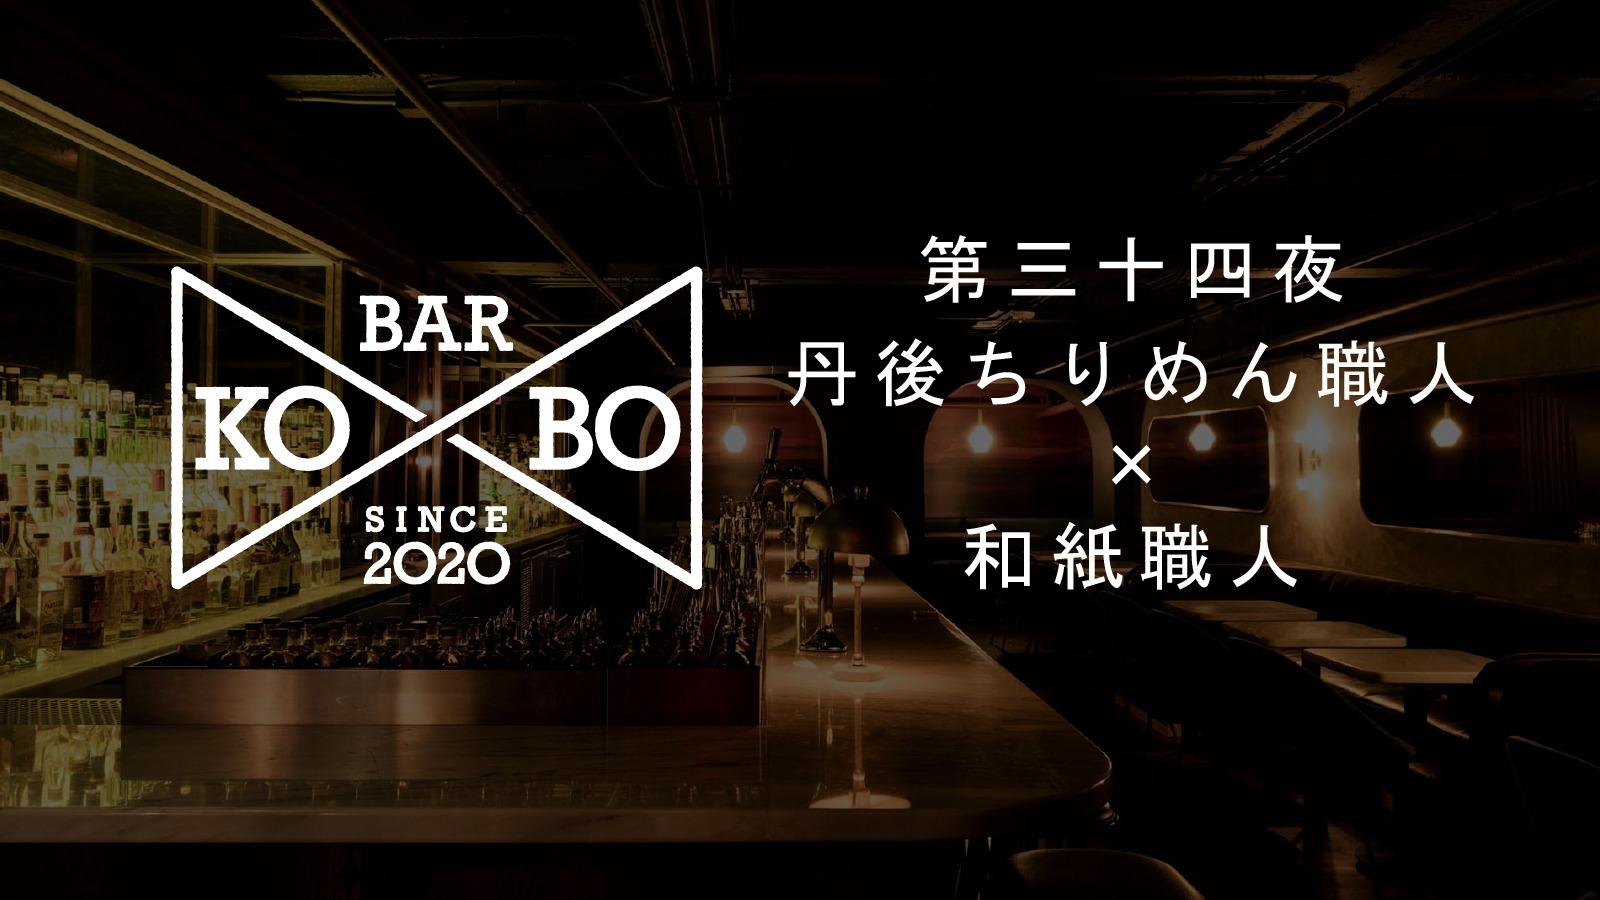 【Bar KO-BO 第三十四夜】丹後ちりめん職人×和紙職人